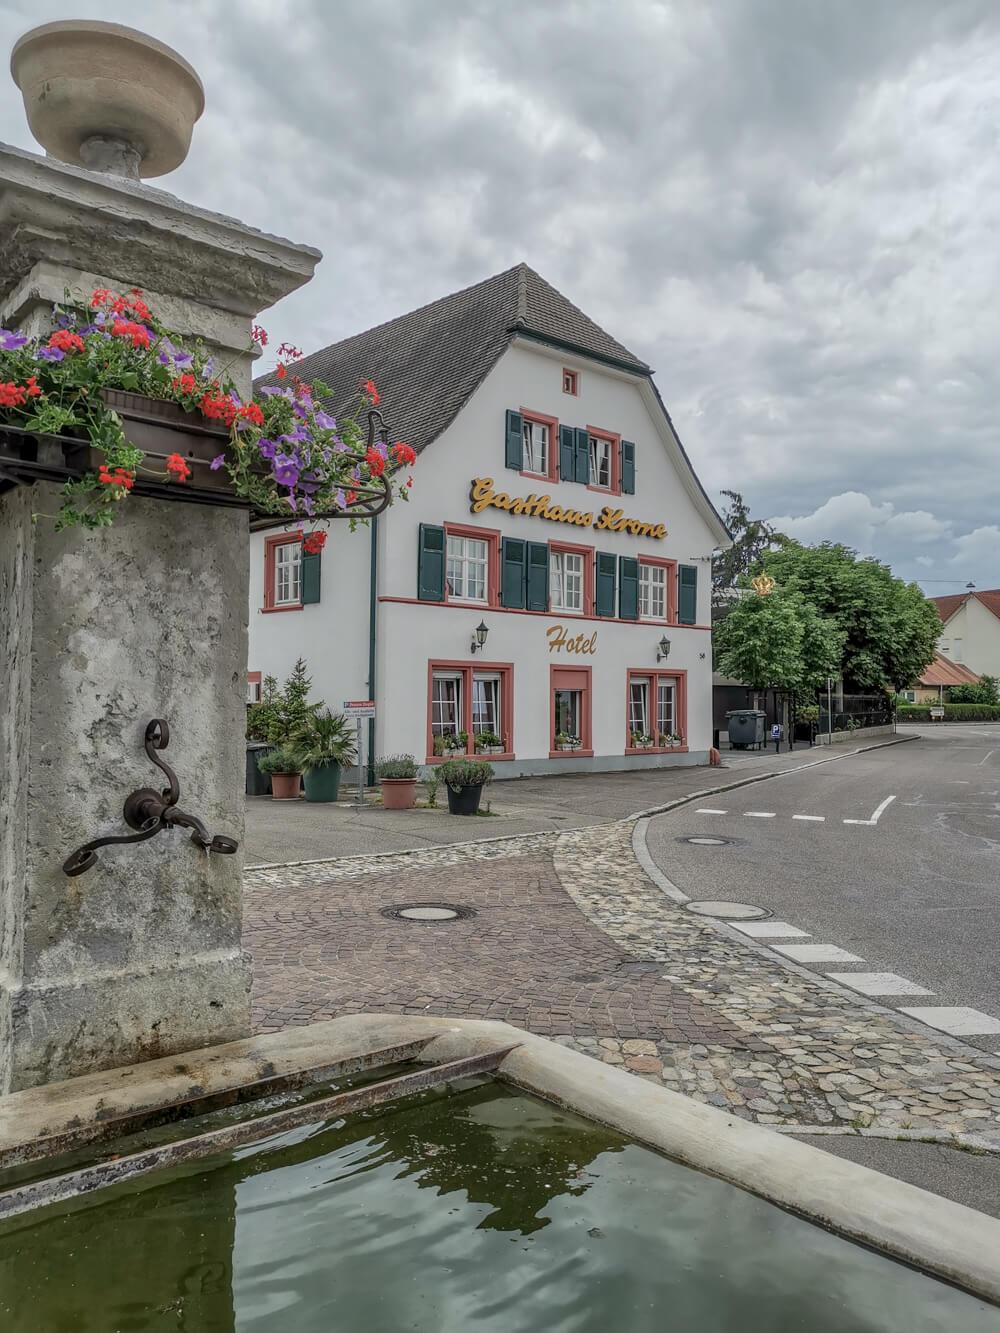 Hotel & Restaurant Krone, Weil am Rhein - Gasthaus Krone von der Straße